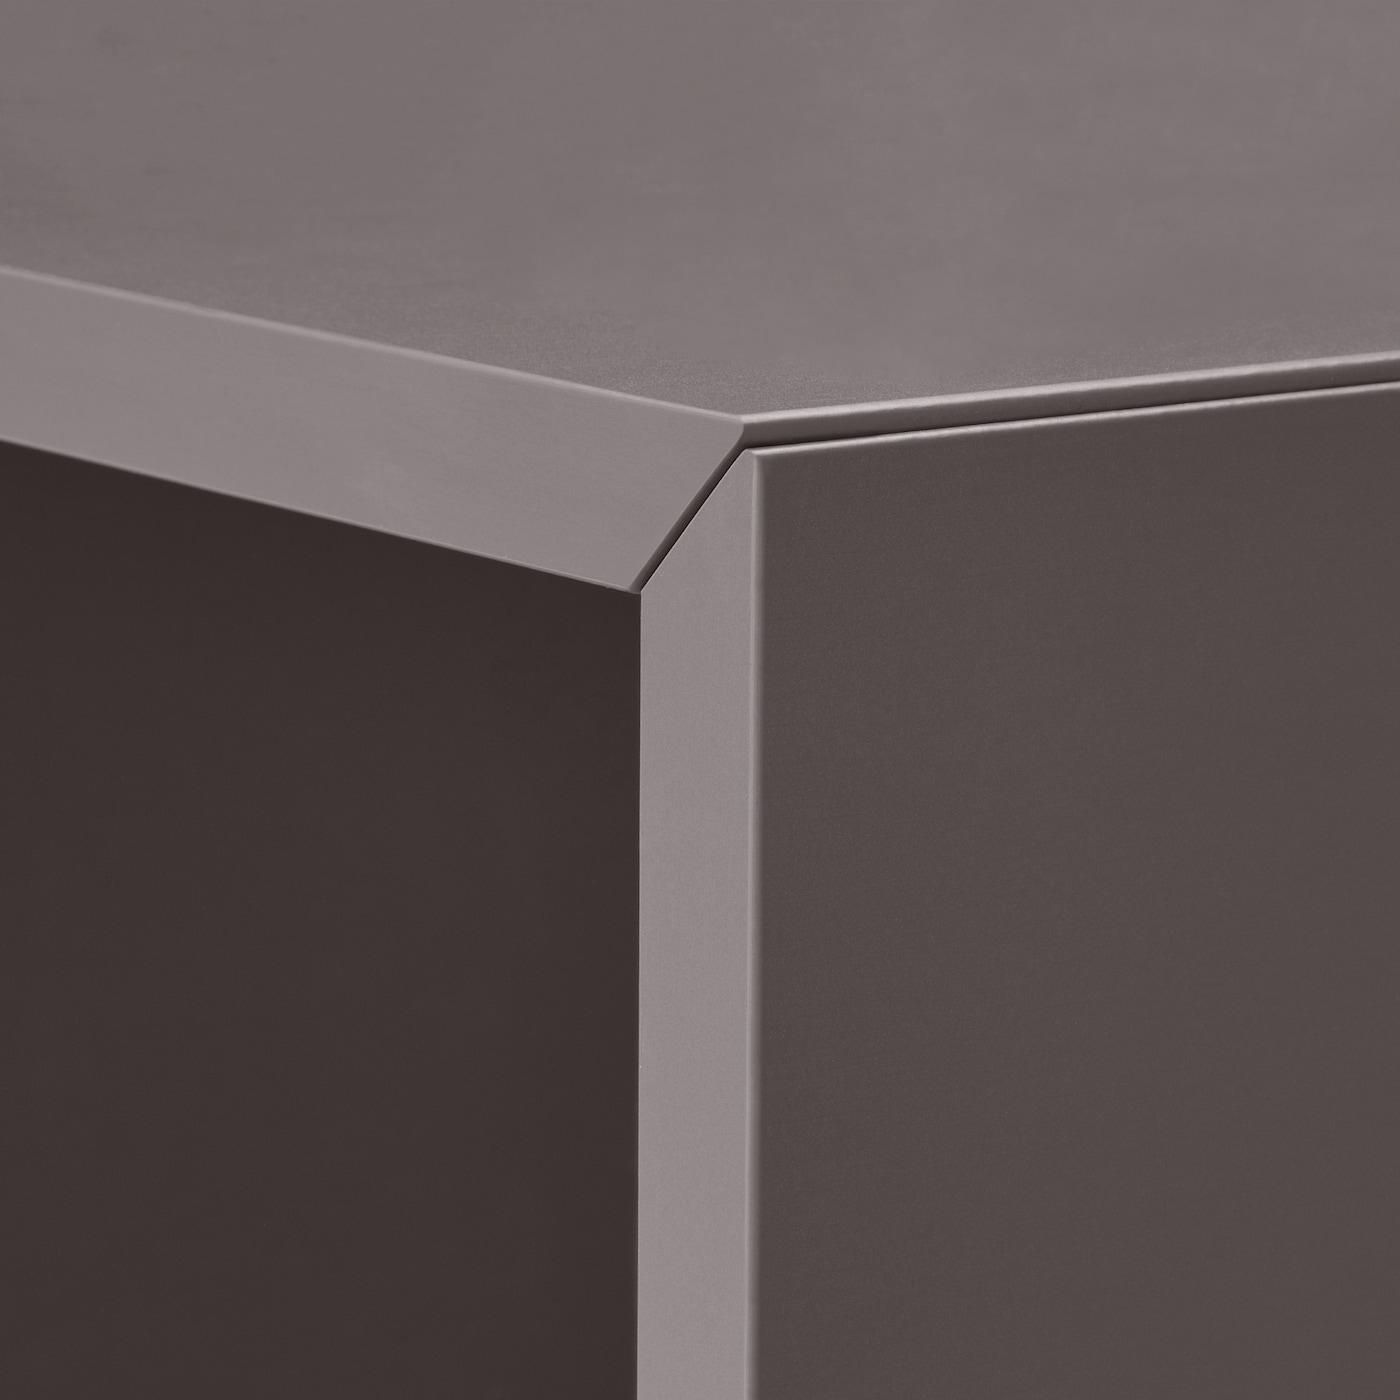 EKET combinaison rangement murale gris foncé 70 cm 175 cm 25 cm 70 cm